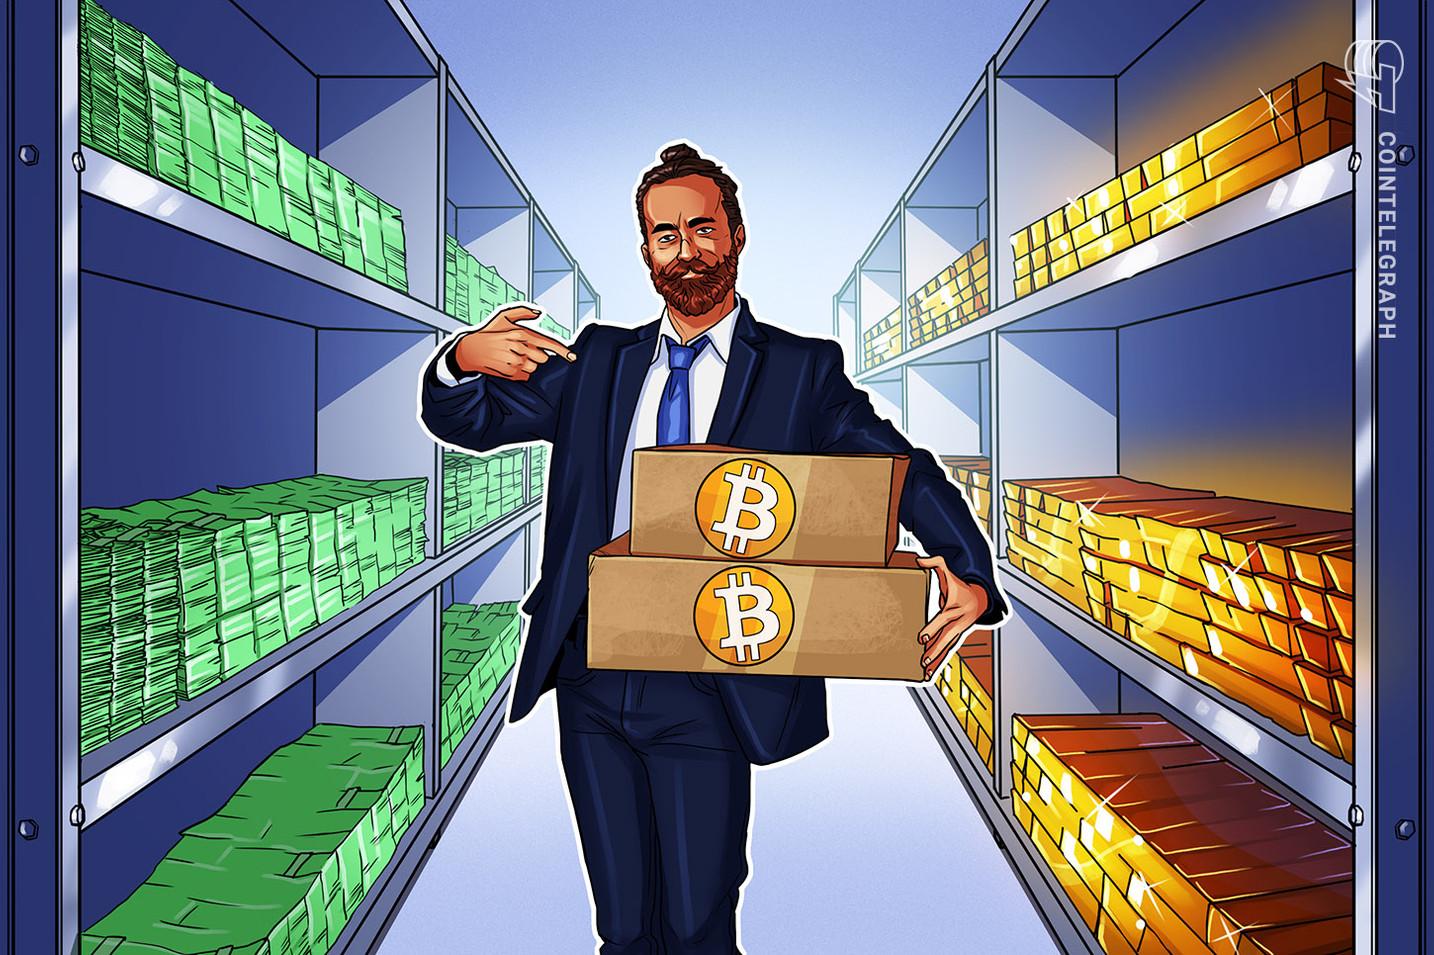 Diversificação com Bitcoin é uma 'estratégia prudente' contra inflação e crash das commodities, diz estrategista da Bloomberg